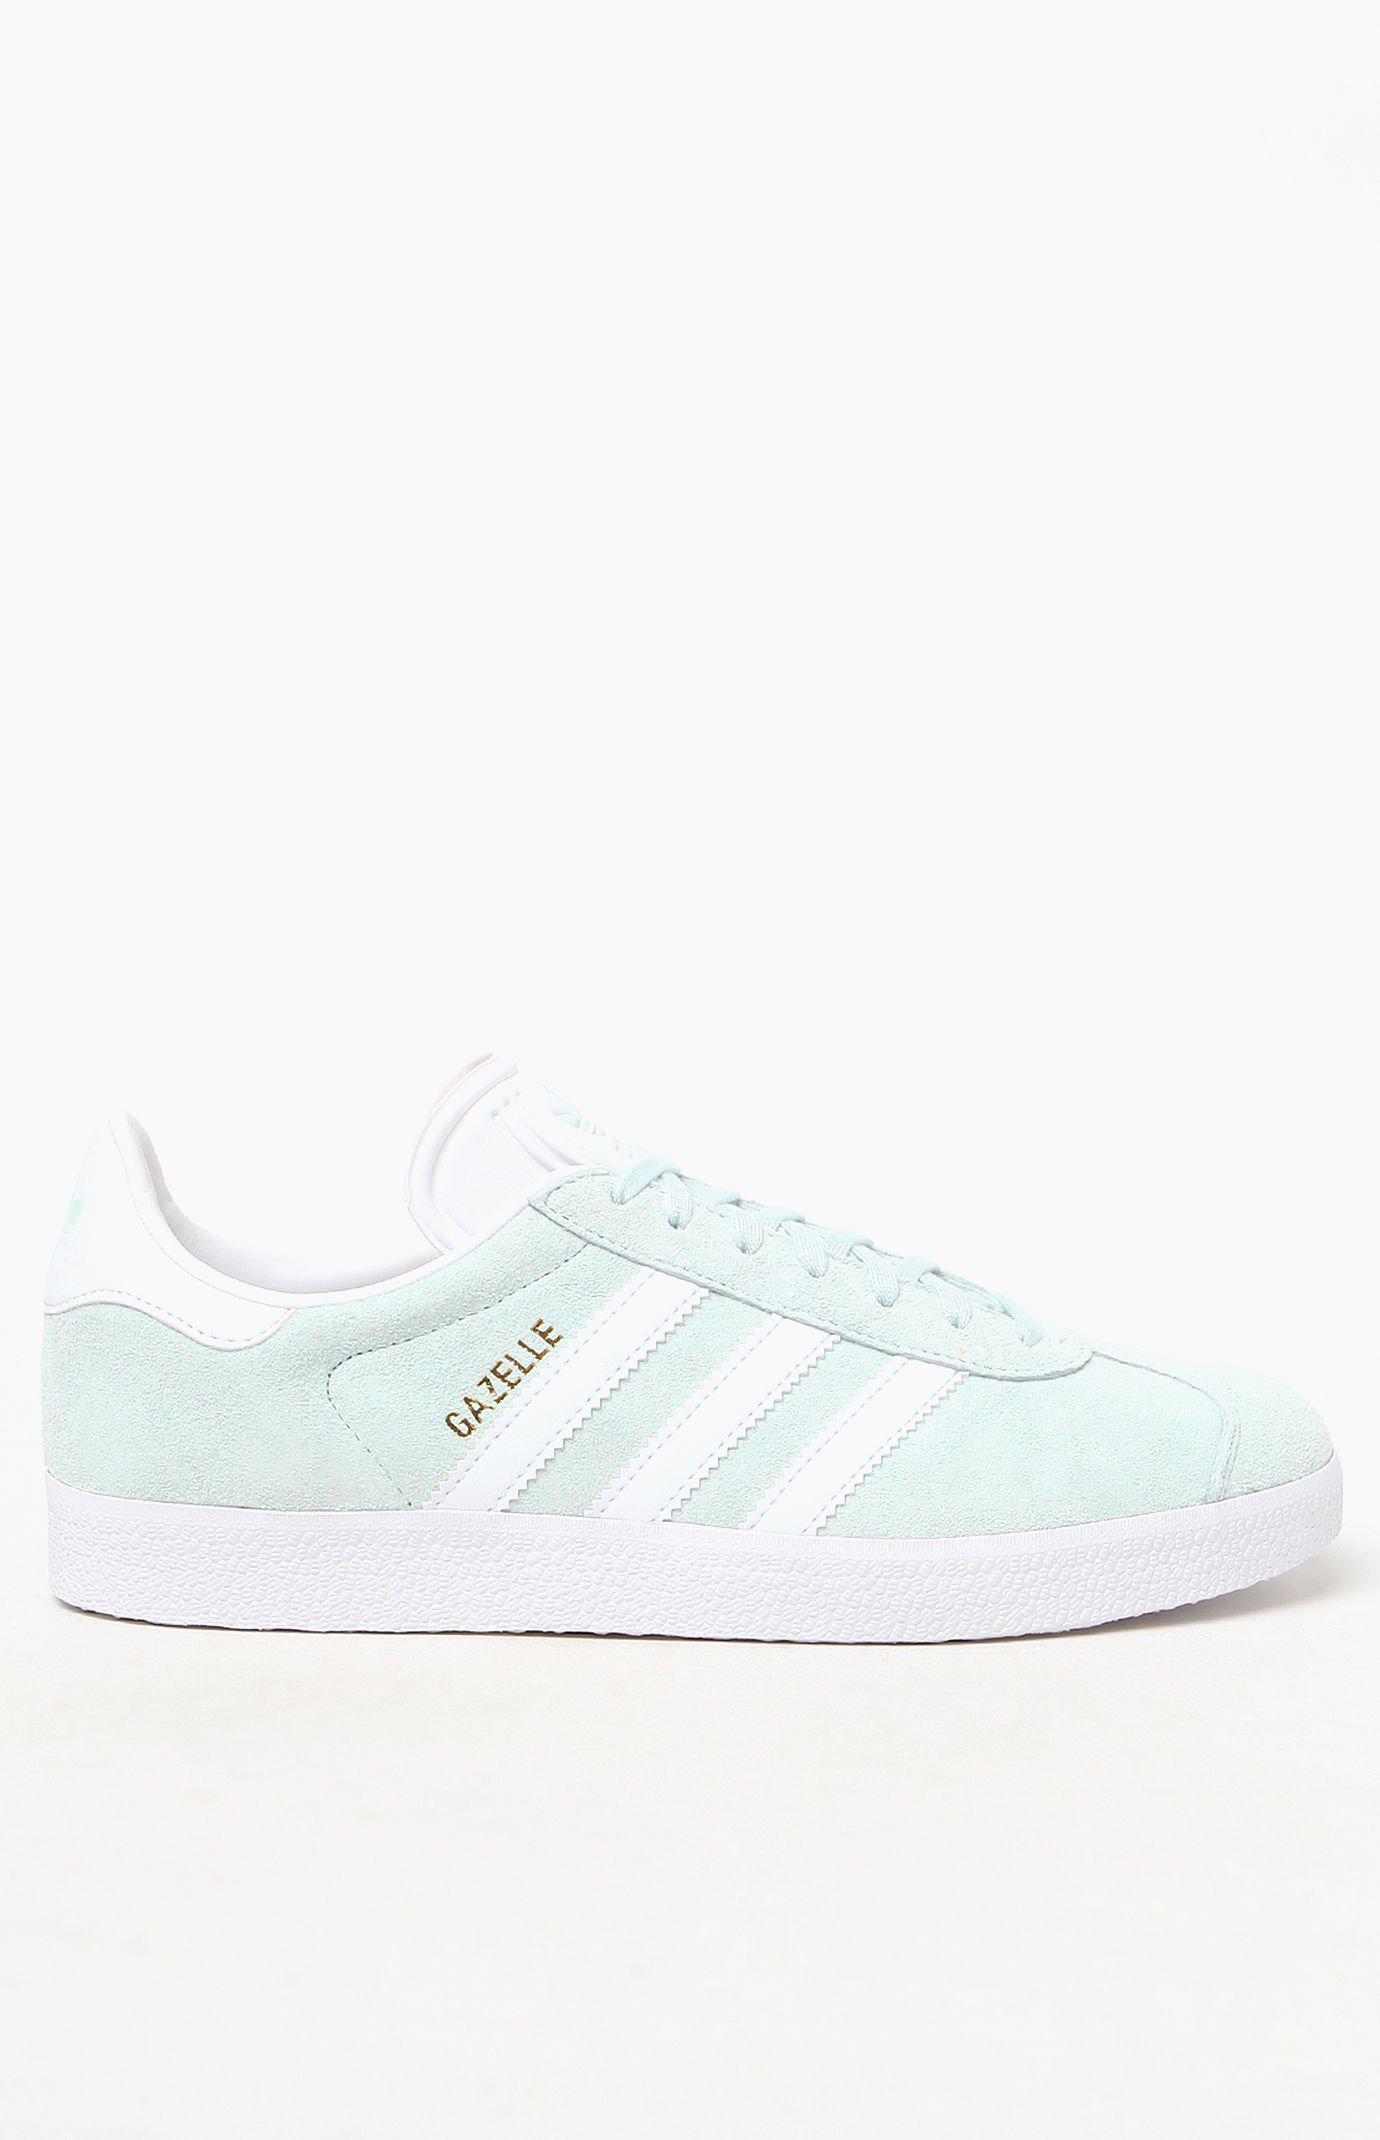 Lyst - adidas Women s Mint Gazelle Sneakers a948239ee0